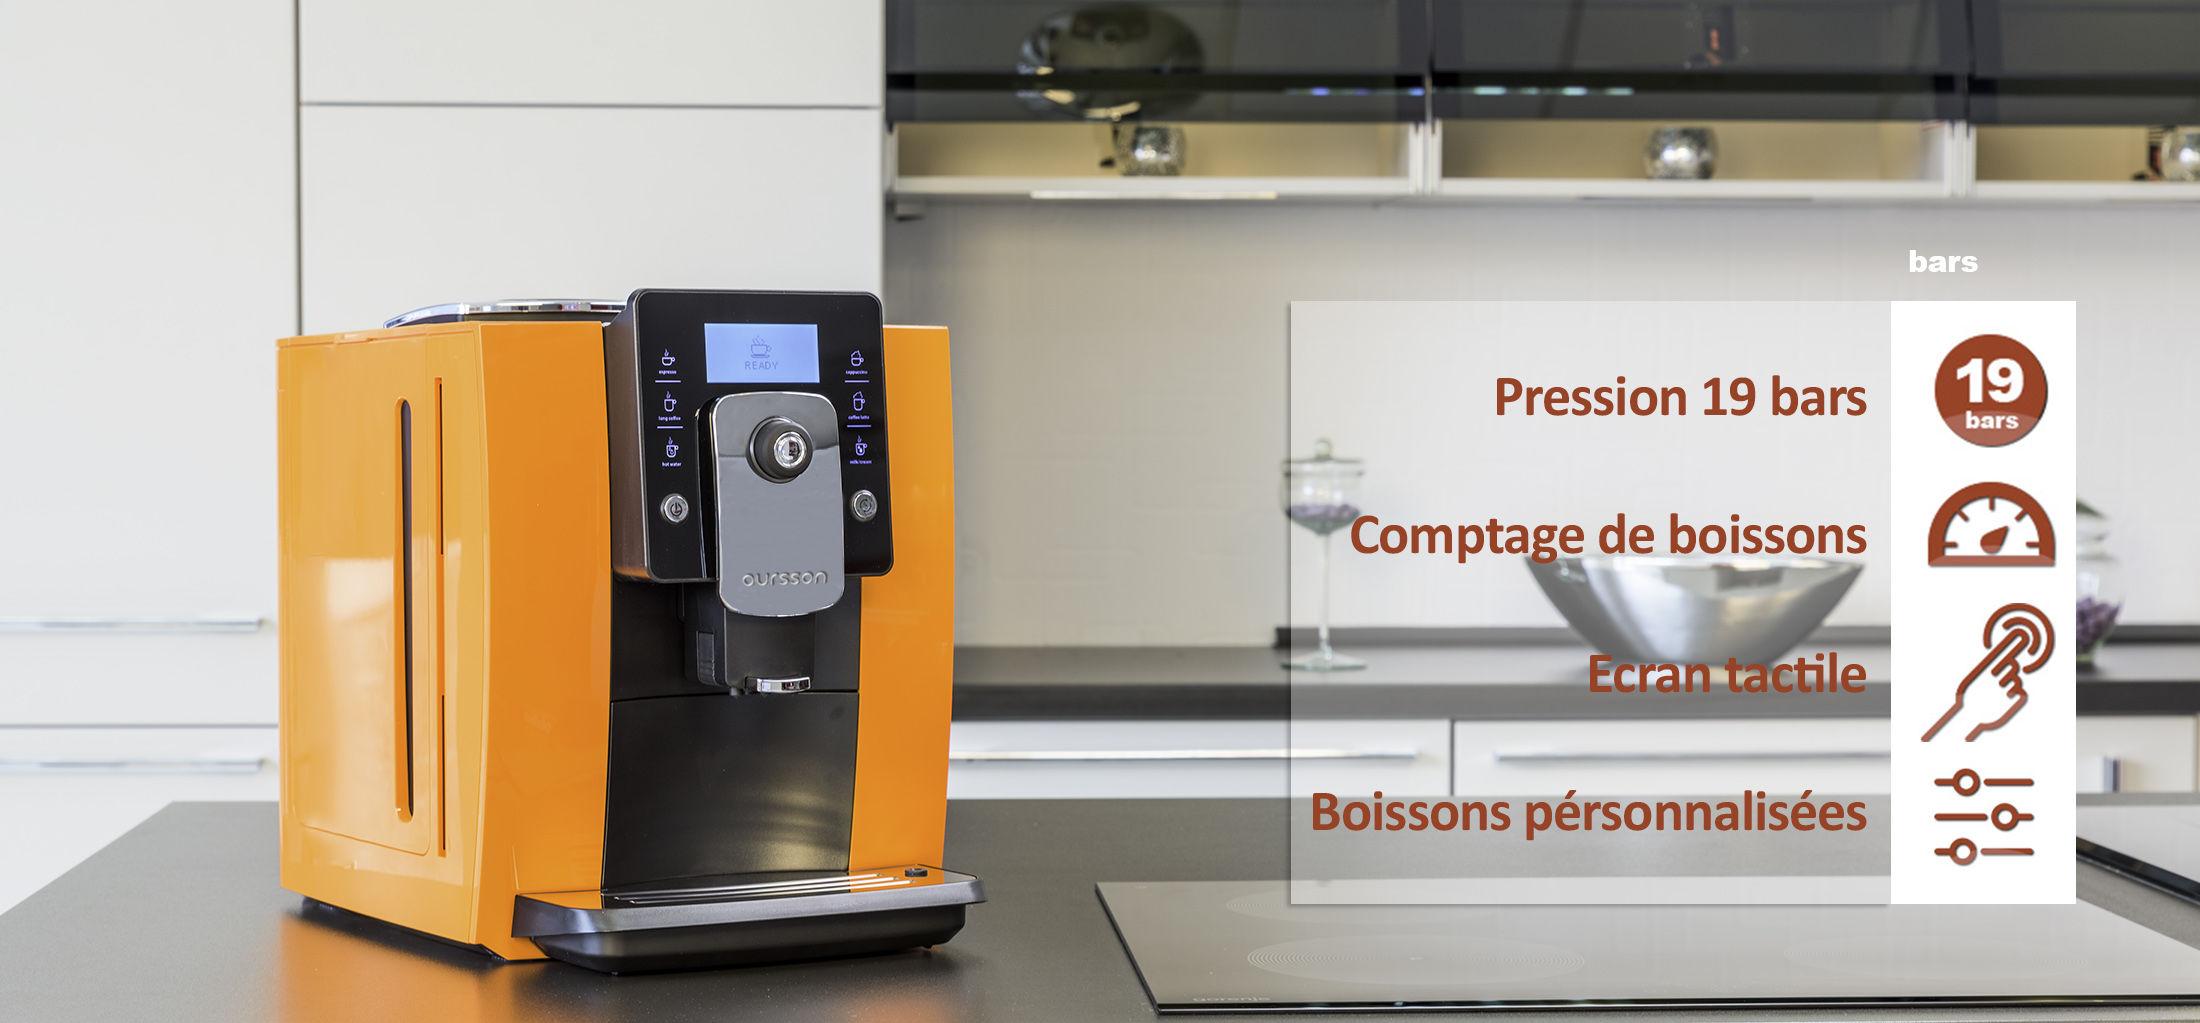 Machine caf expresso automatique bar expresso automatique - Cafetiere italienne comment ca marche ...